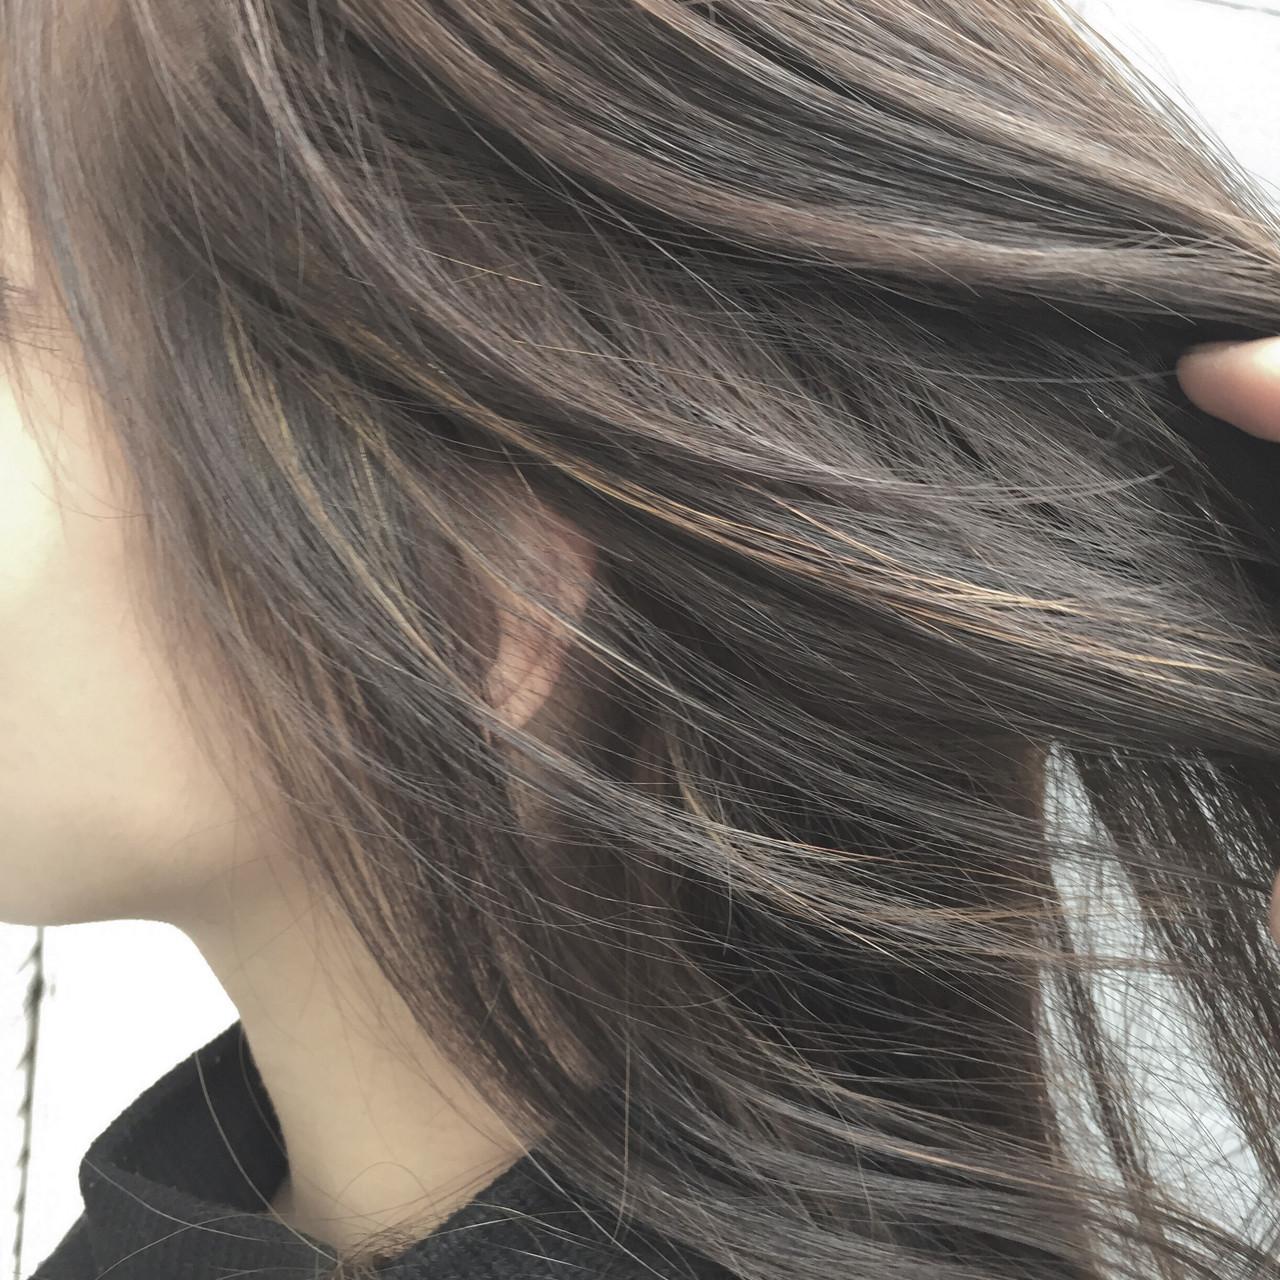 ボブ ミディアム アッシュ 大人かわいい ヘアスタイルや髪型の写真・画像